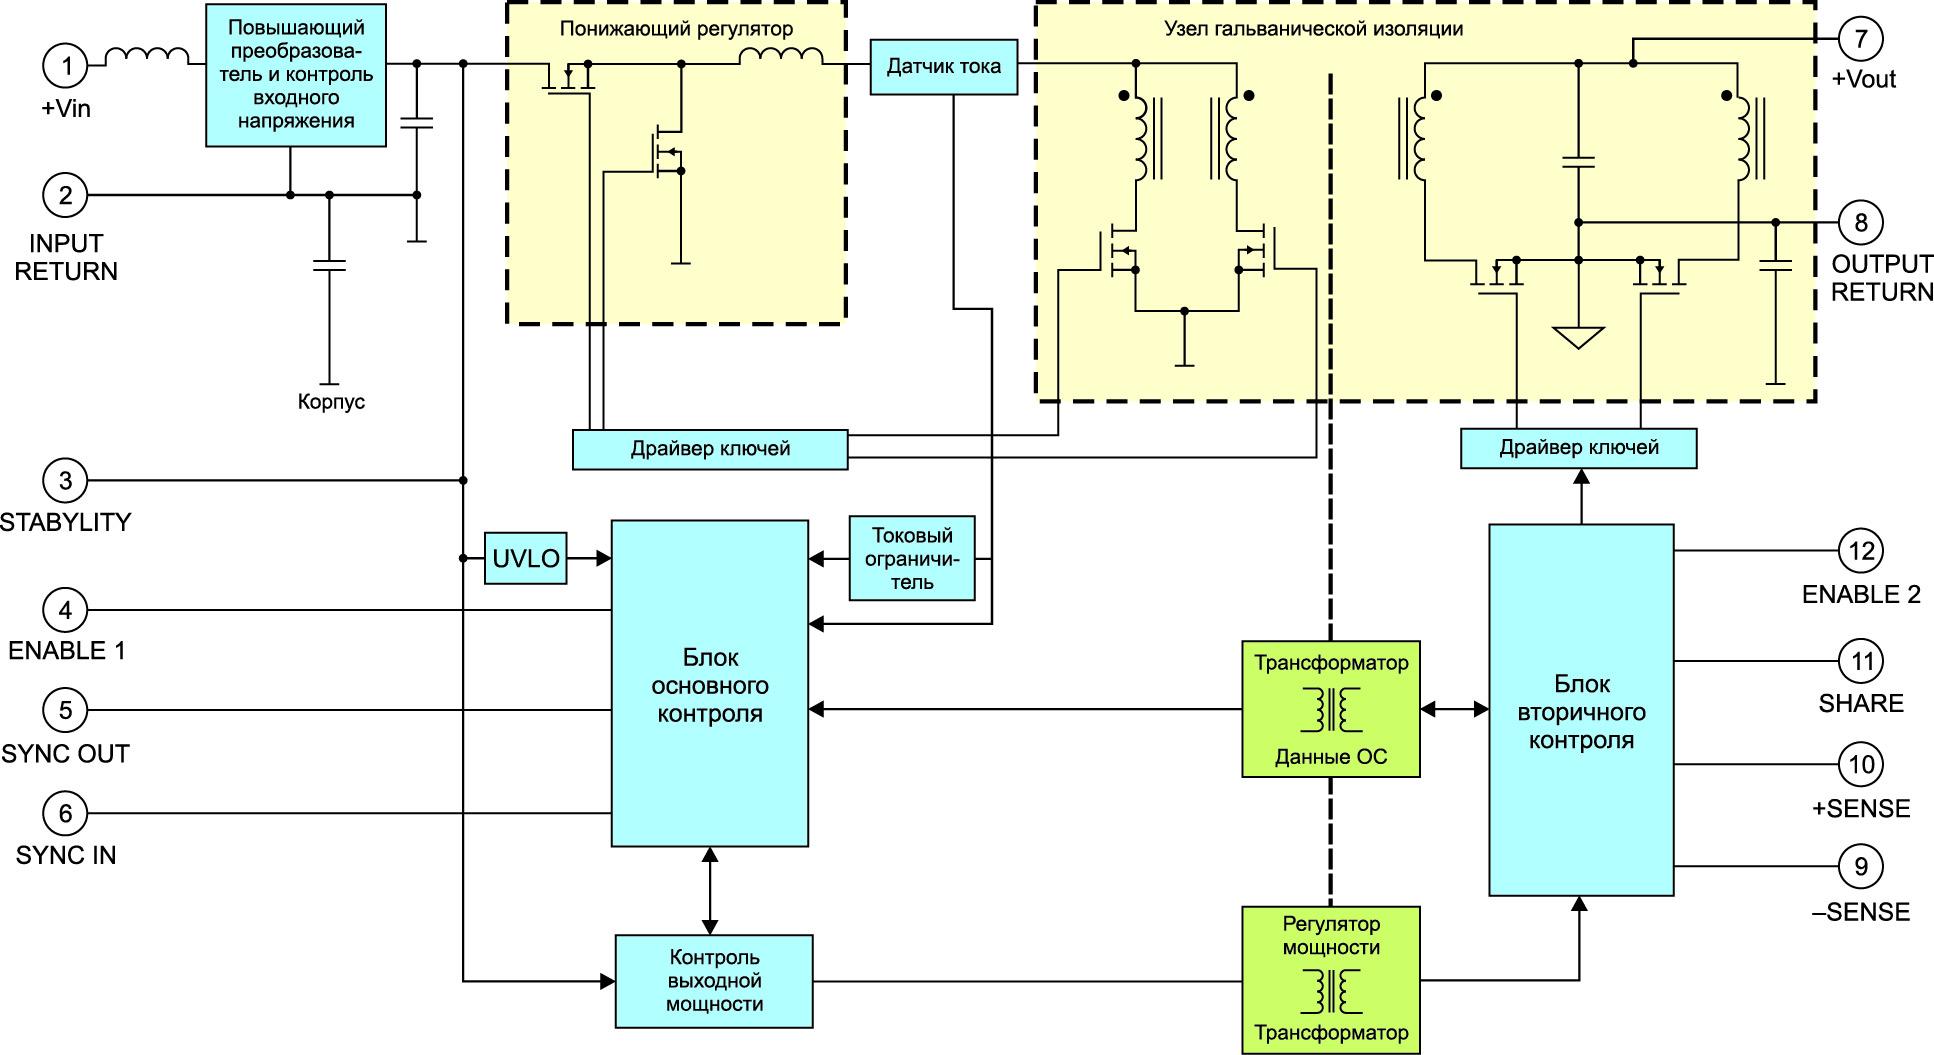 Структурная схема модуля питания SynQor подгруппы Hi-Rel